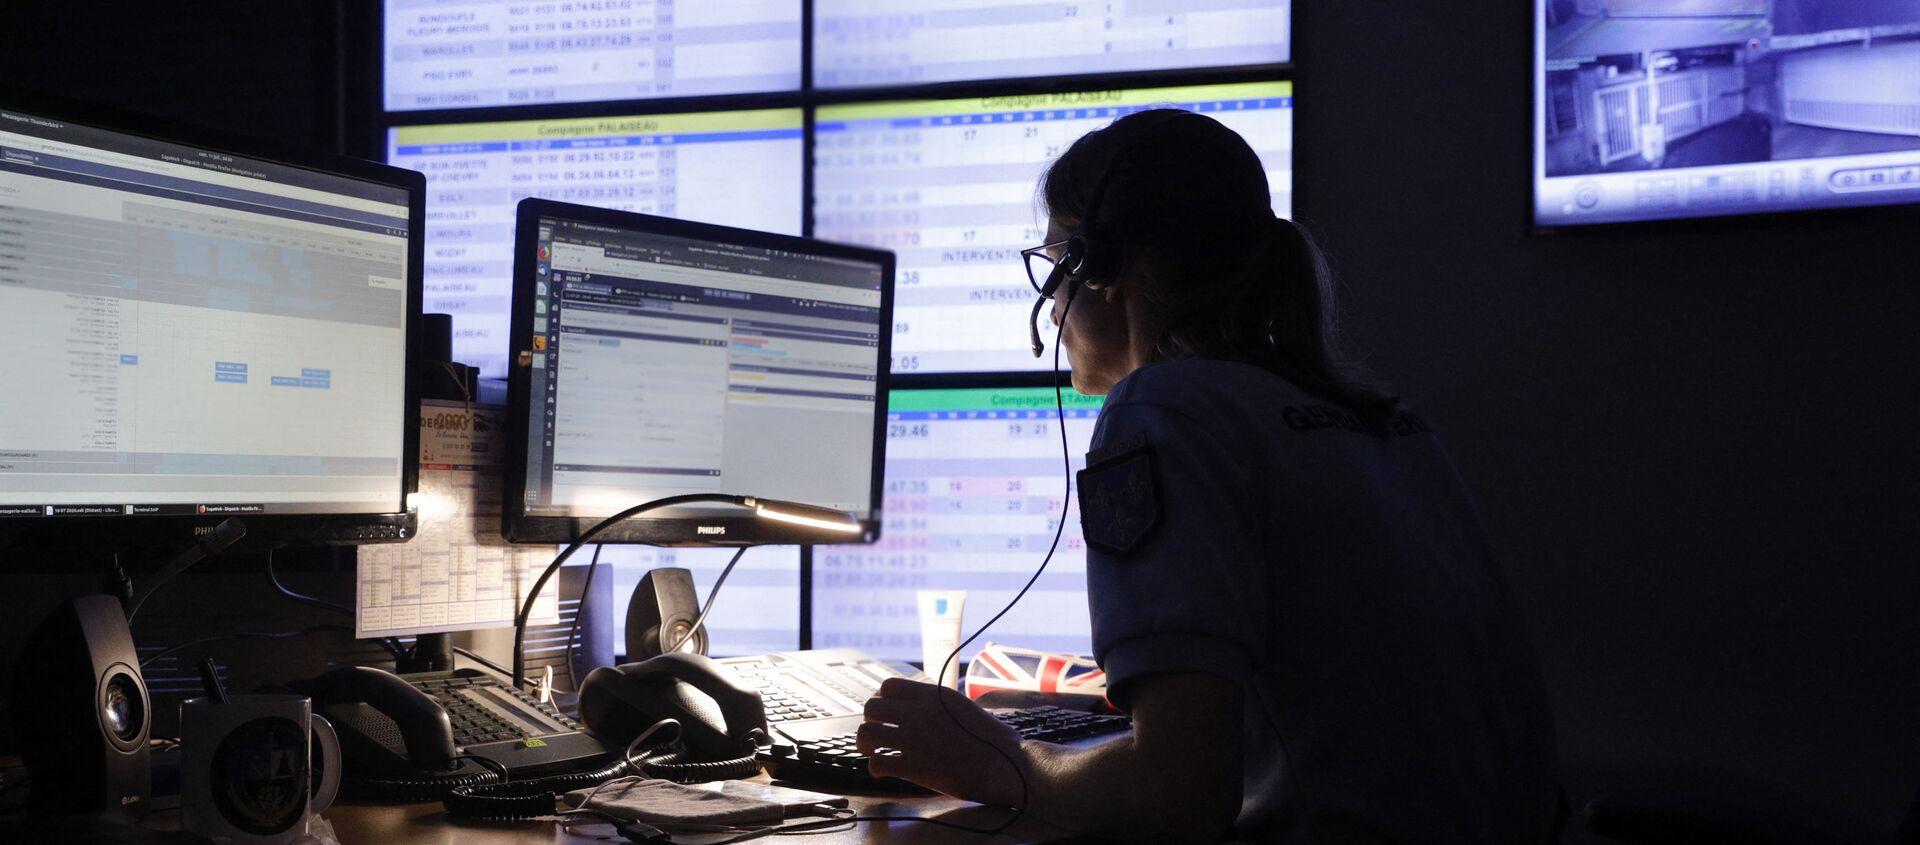 Surveillance sur internet par une gendarme du Centre d'Opérations et de Renseignement de la gendarmerie française (CORG) à Evry-Courcouronnes, juillet 2020 - Sputnik France, 1920, 27.04.2021